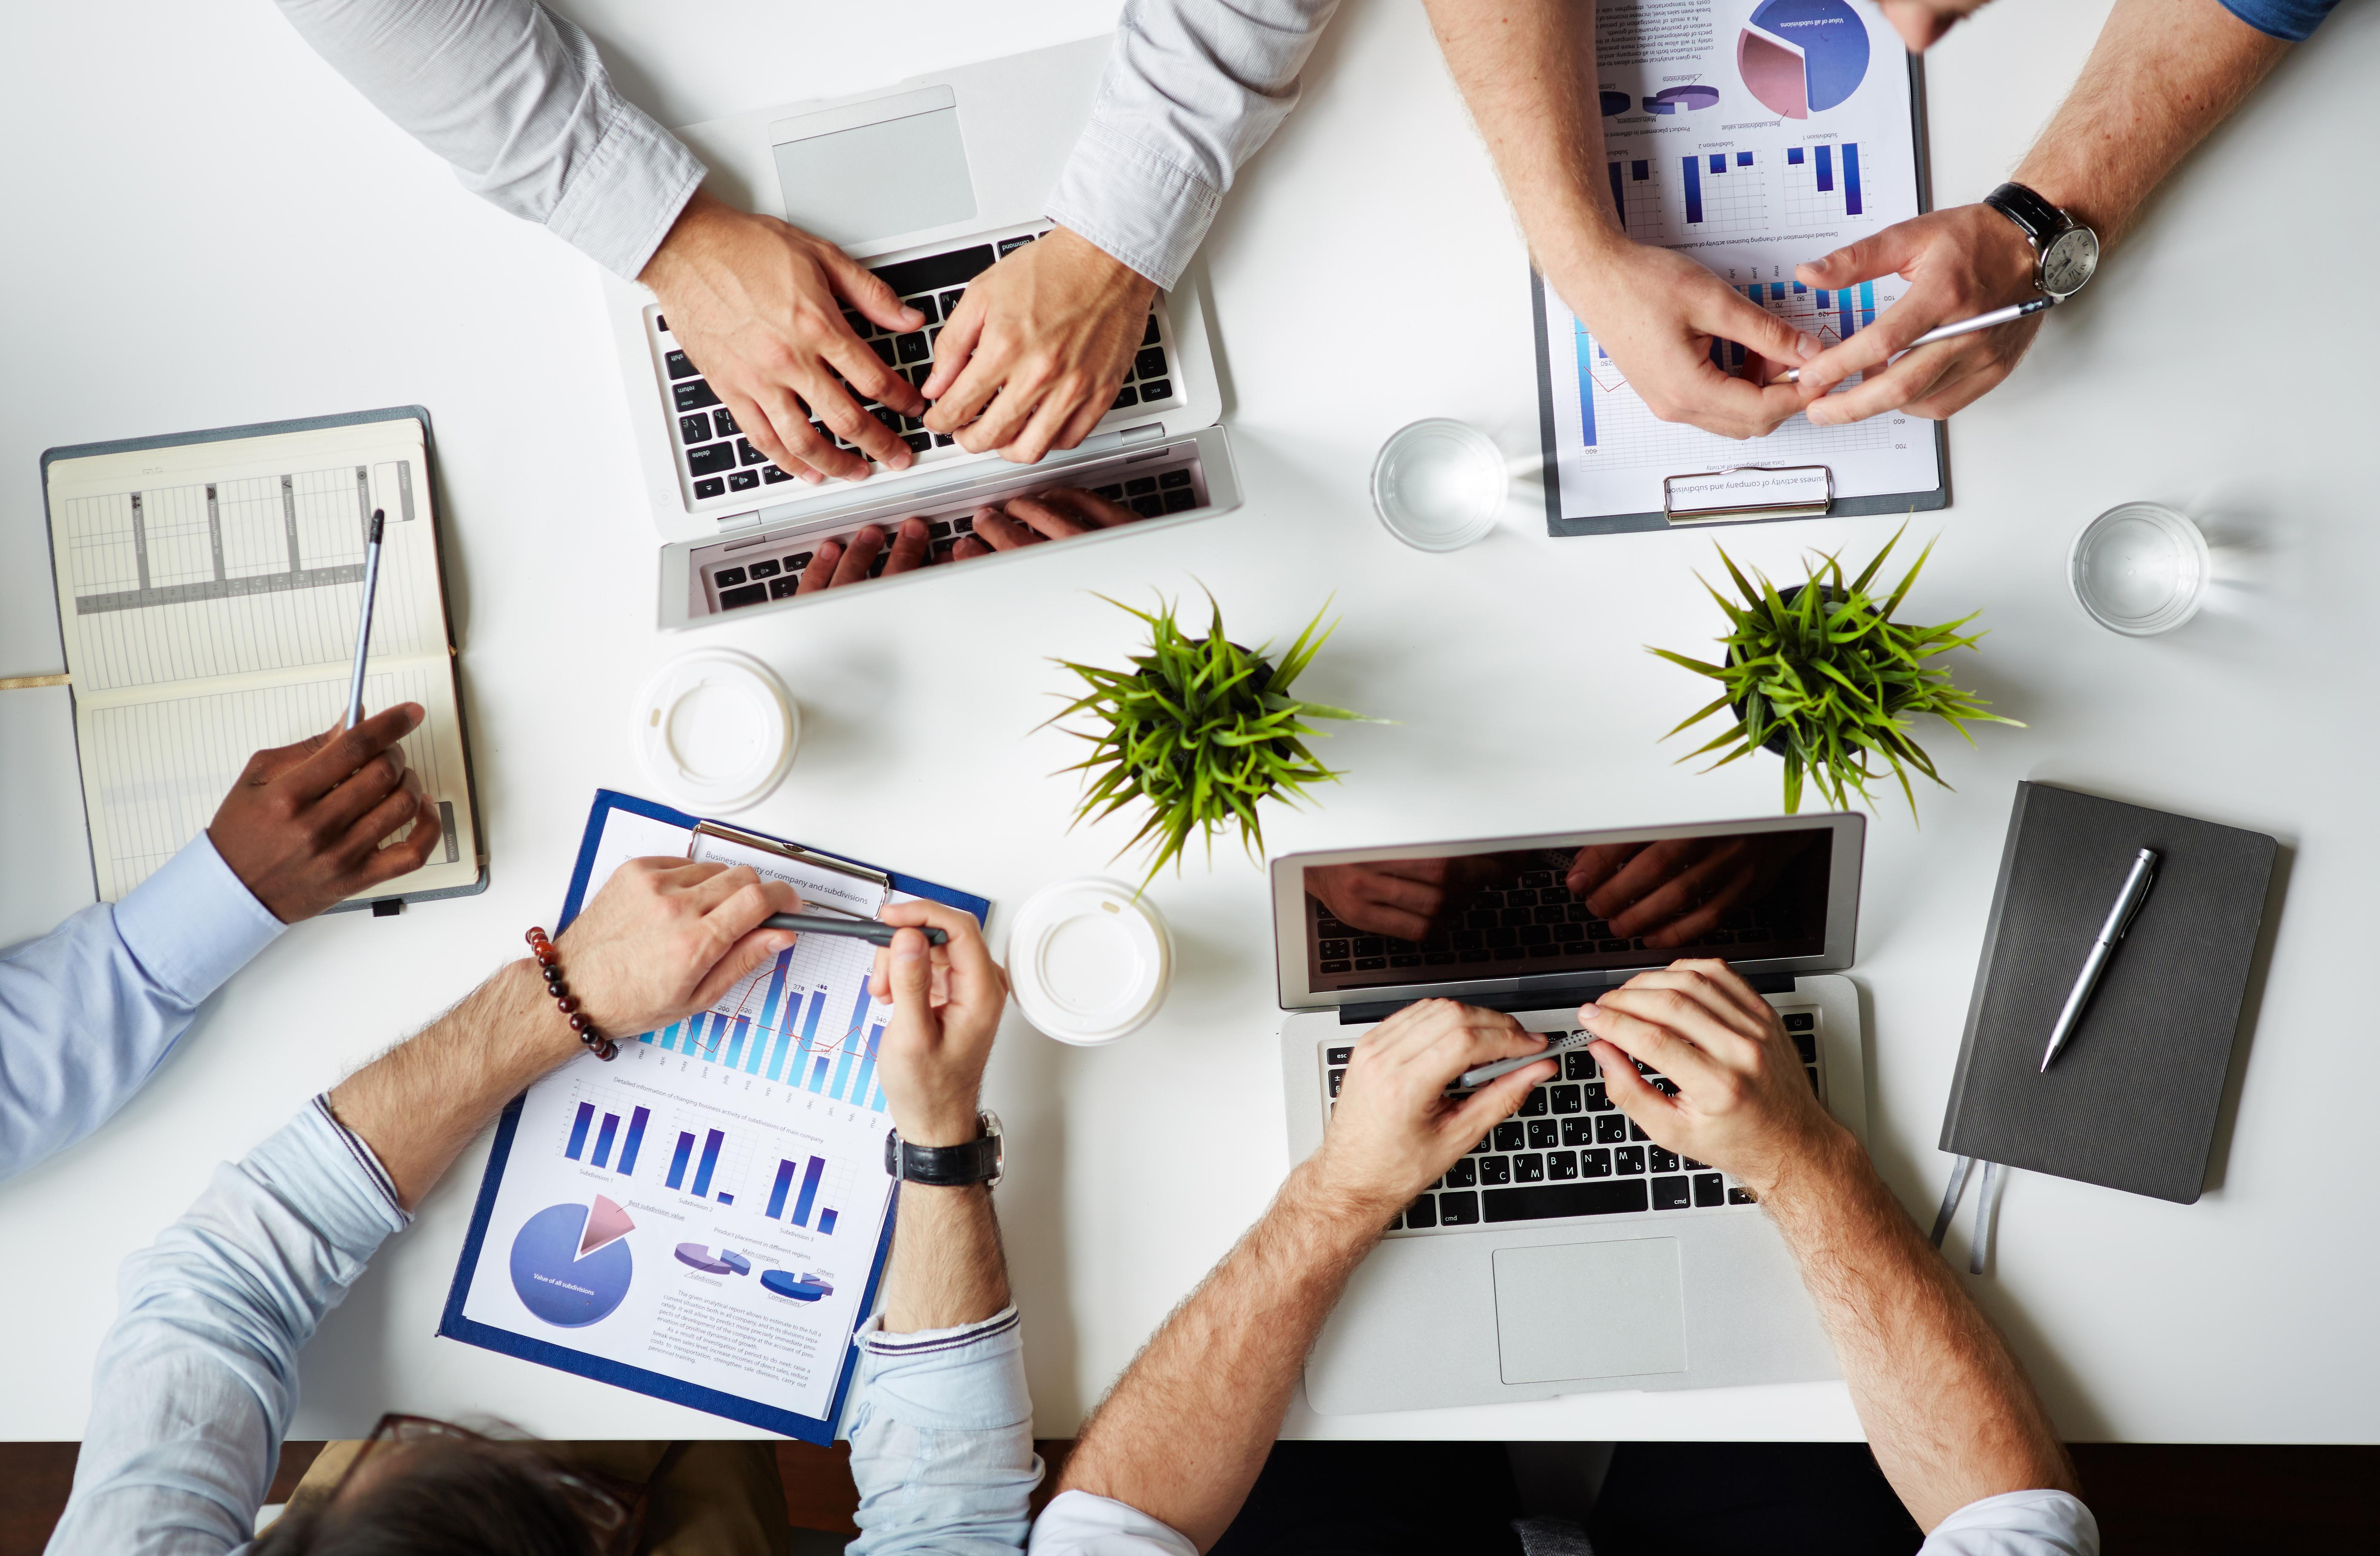 Blog: Guía – Método RUDAC, calificar clientes | Mandomedio Colombia